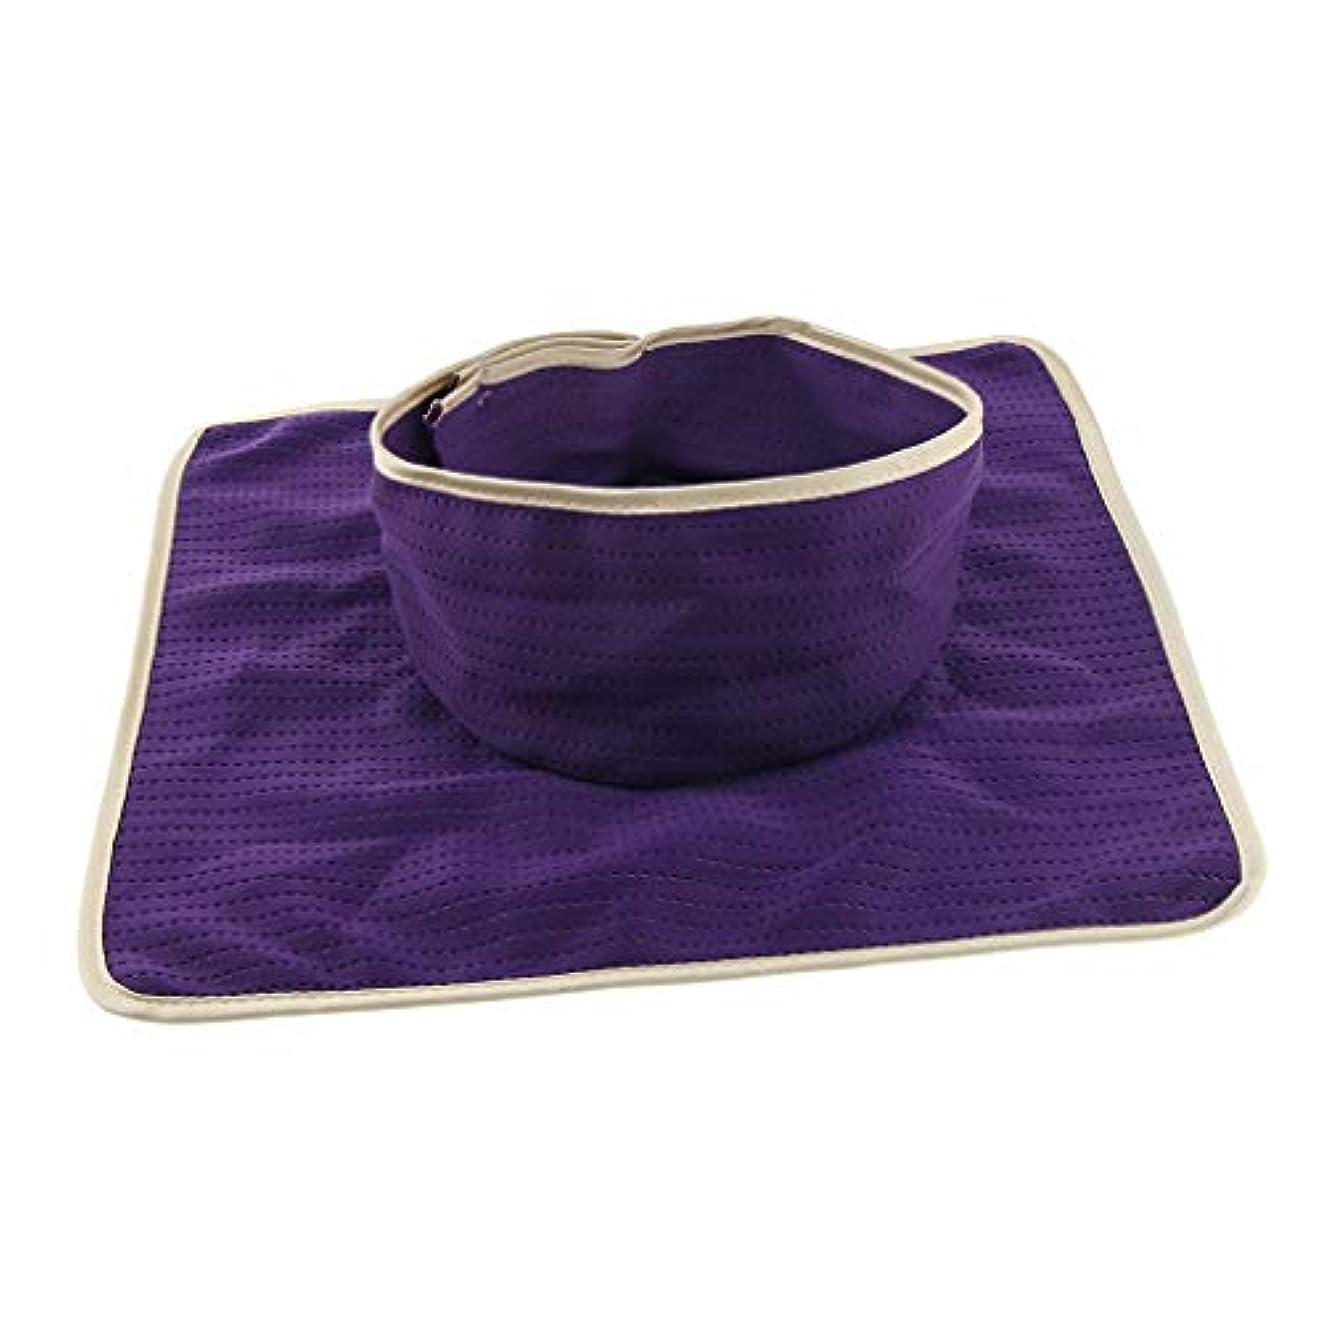 ロッカーコテージ展望台Perfeclan マッサージ ベッドカバー シート パッド 洗濯可能 再利用可能 約35×35cm 全3色 - 紫